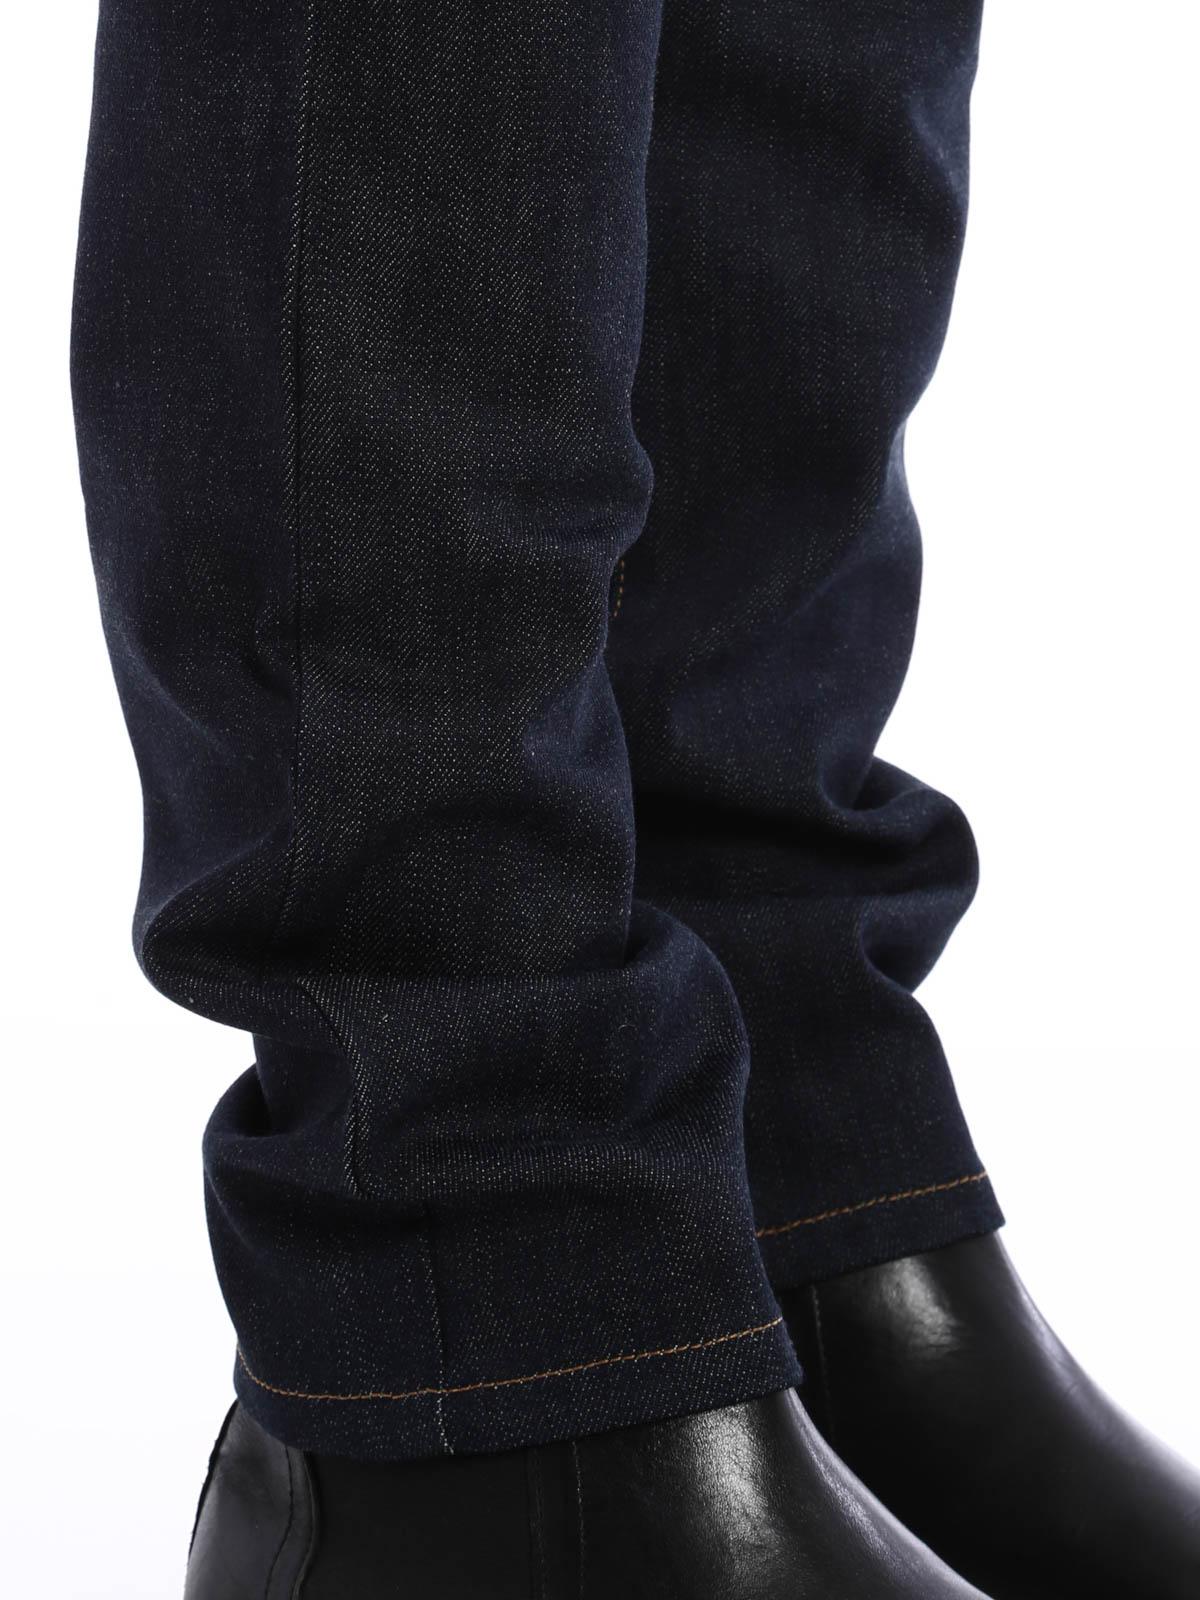 balmain skinny jeans fur herren blau skinny jeans poht551d204155. Black Bedroom Furniture Sets. Home Design Ideas